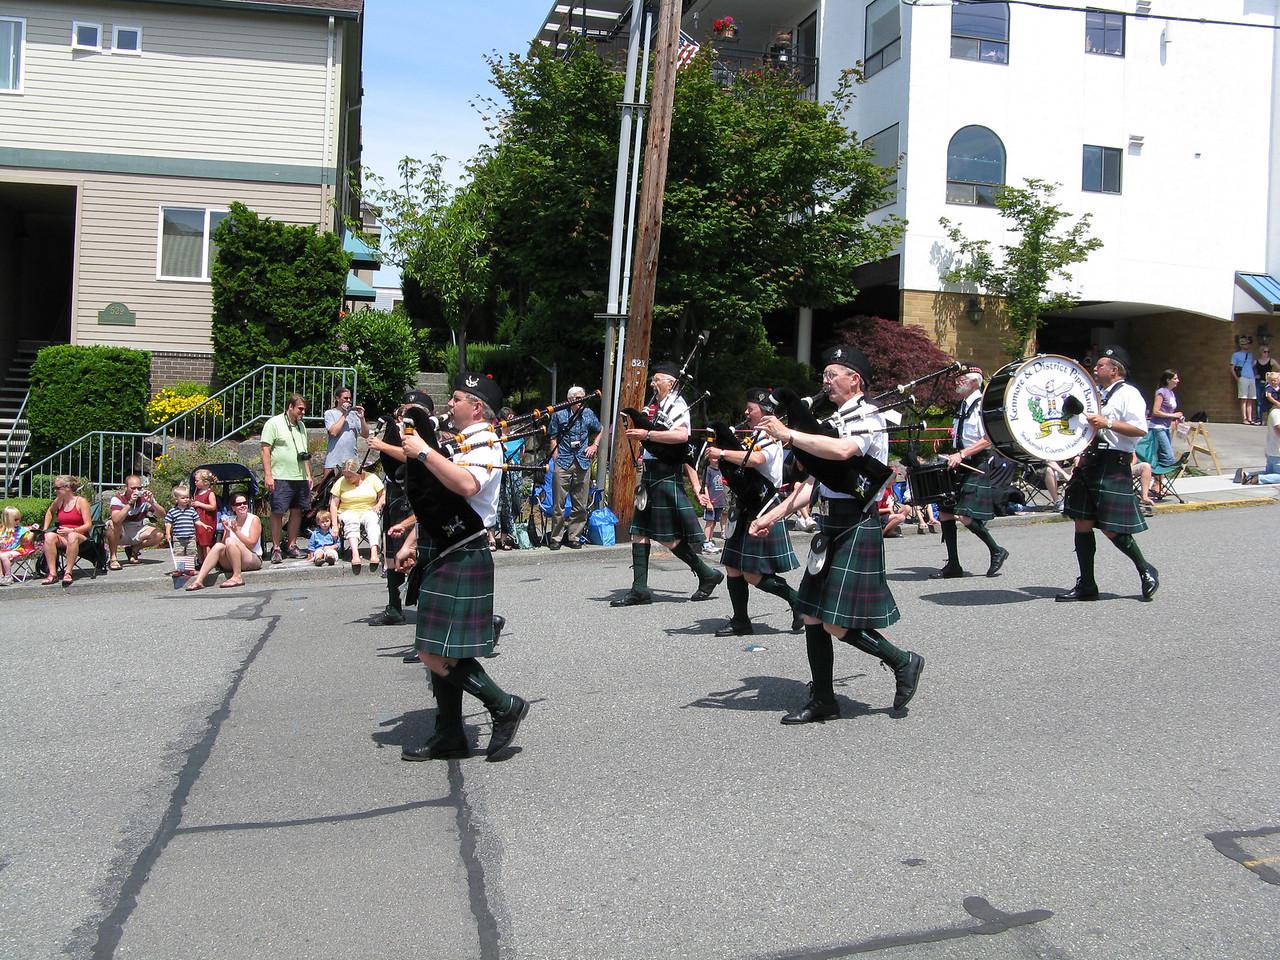 09 07 04 parade 006